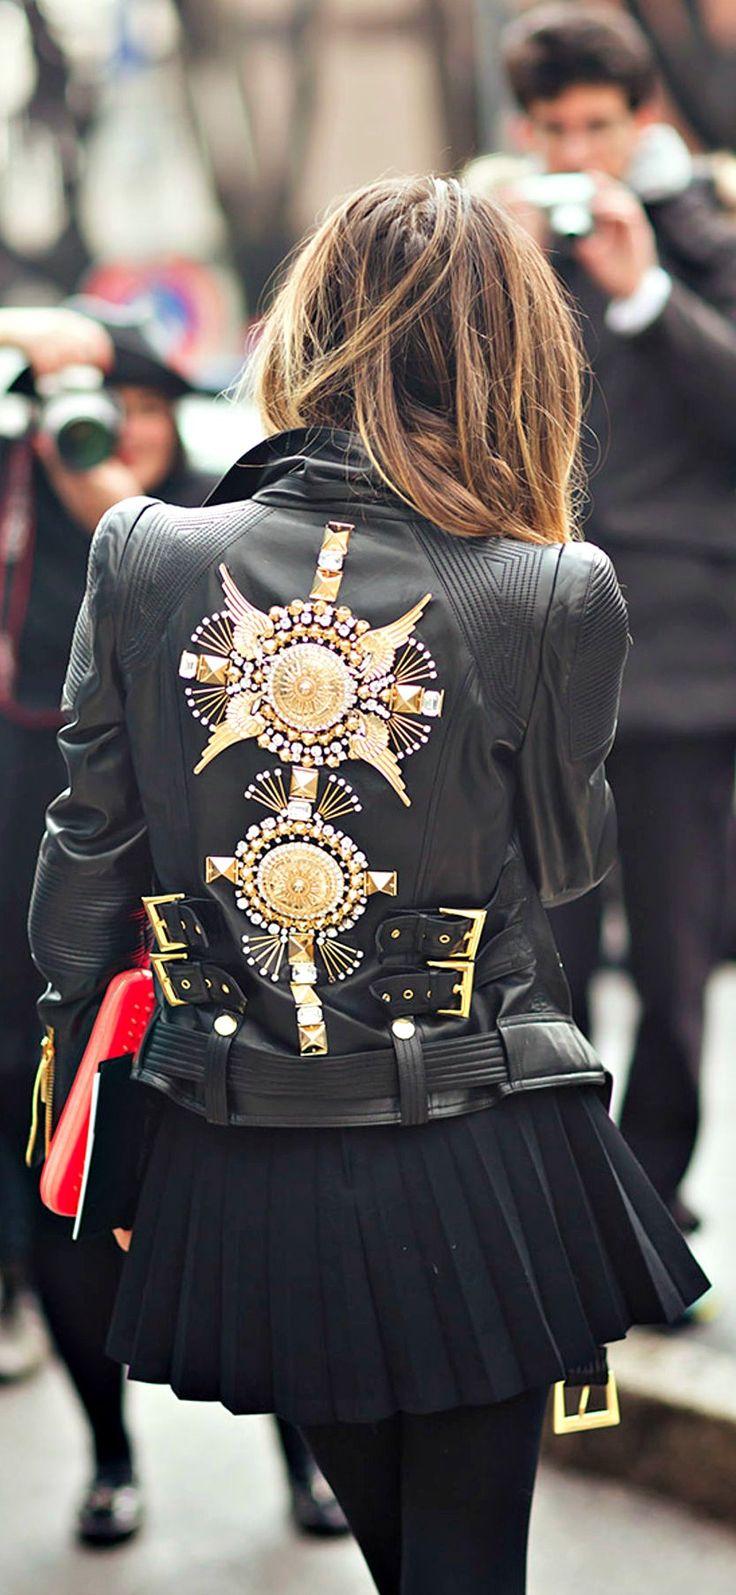 Leather Jacket | Women's Fashion